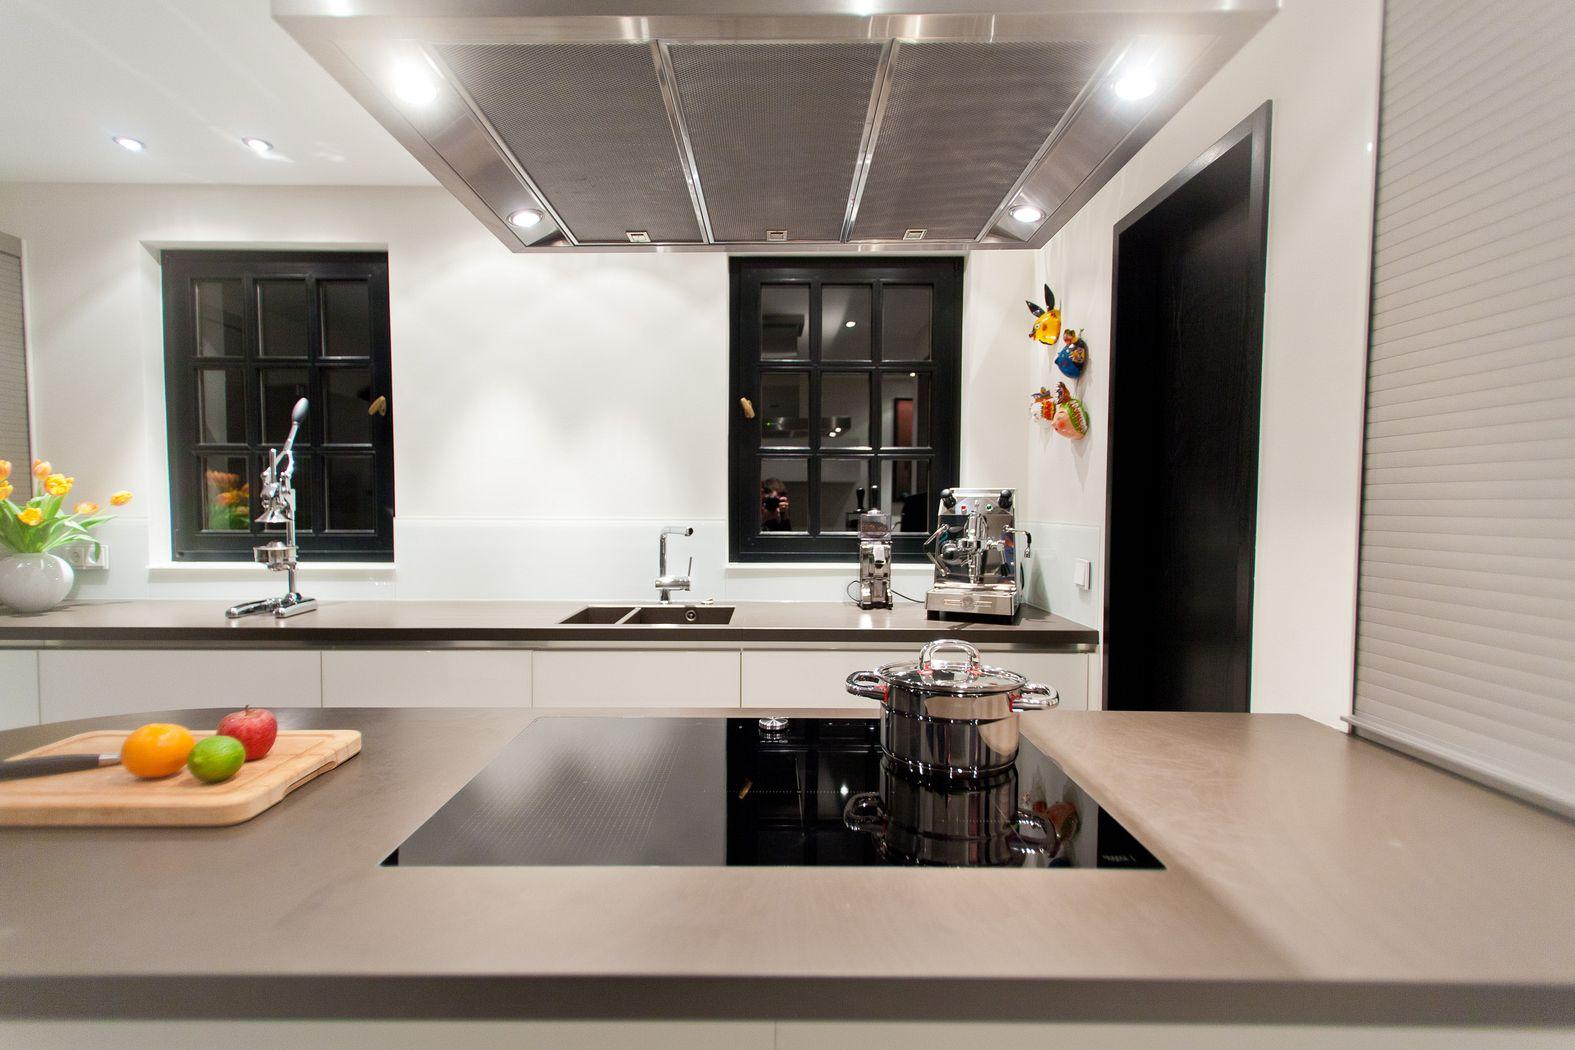 Luxus Küche | Jtleigh.com - Hausgestaltung Ideen | {Küche modern luxus 11}